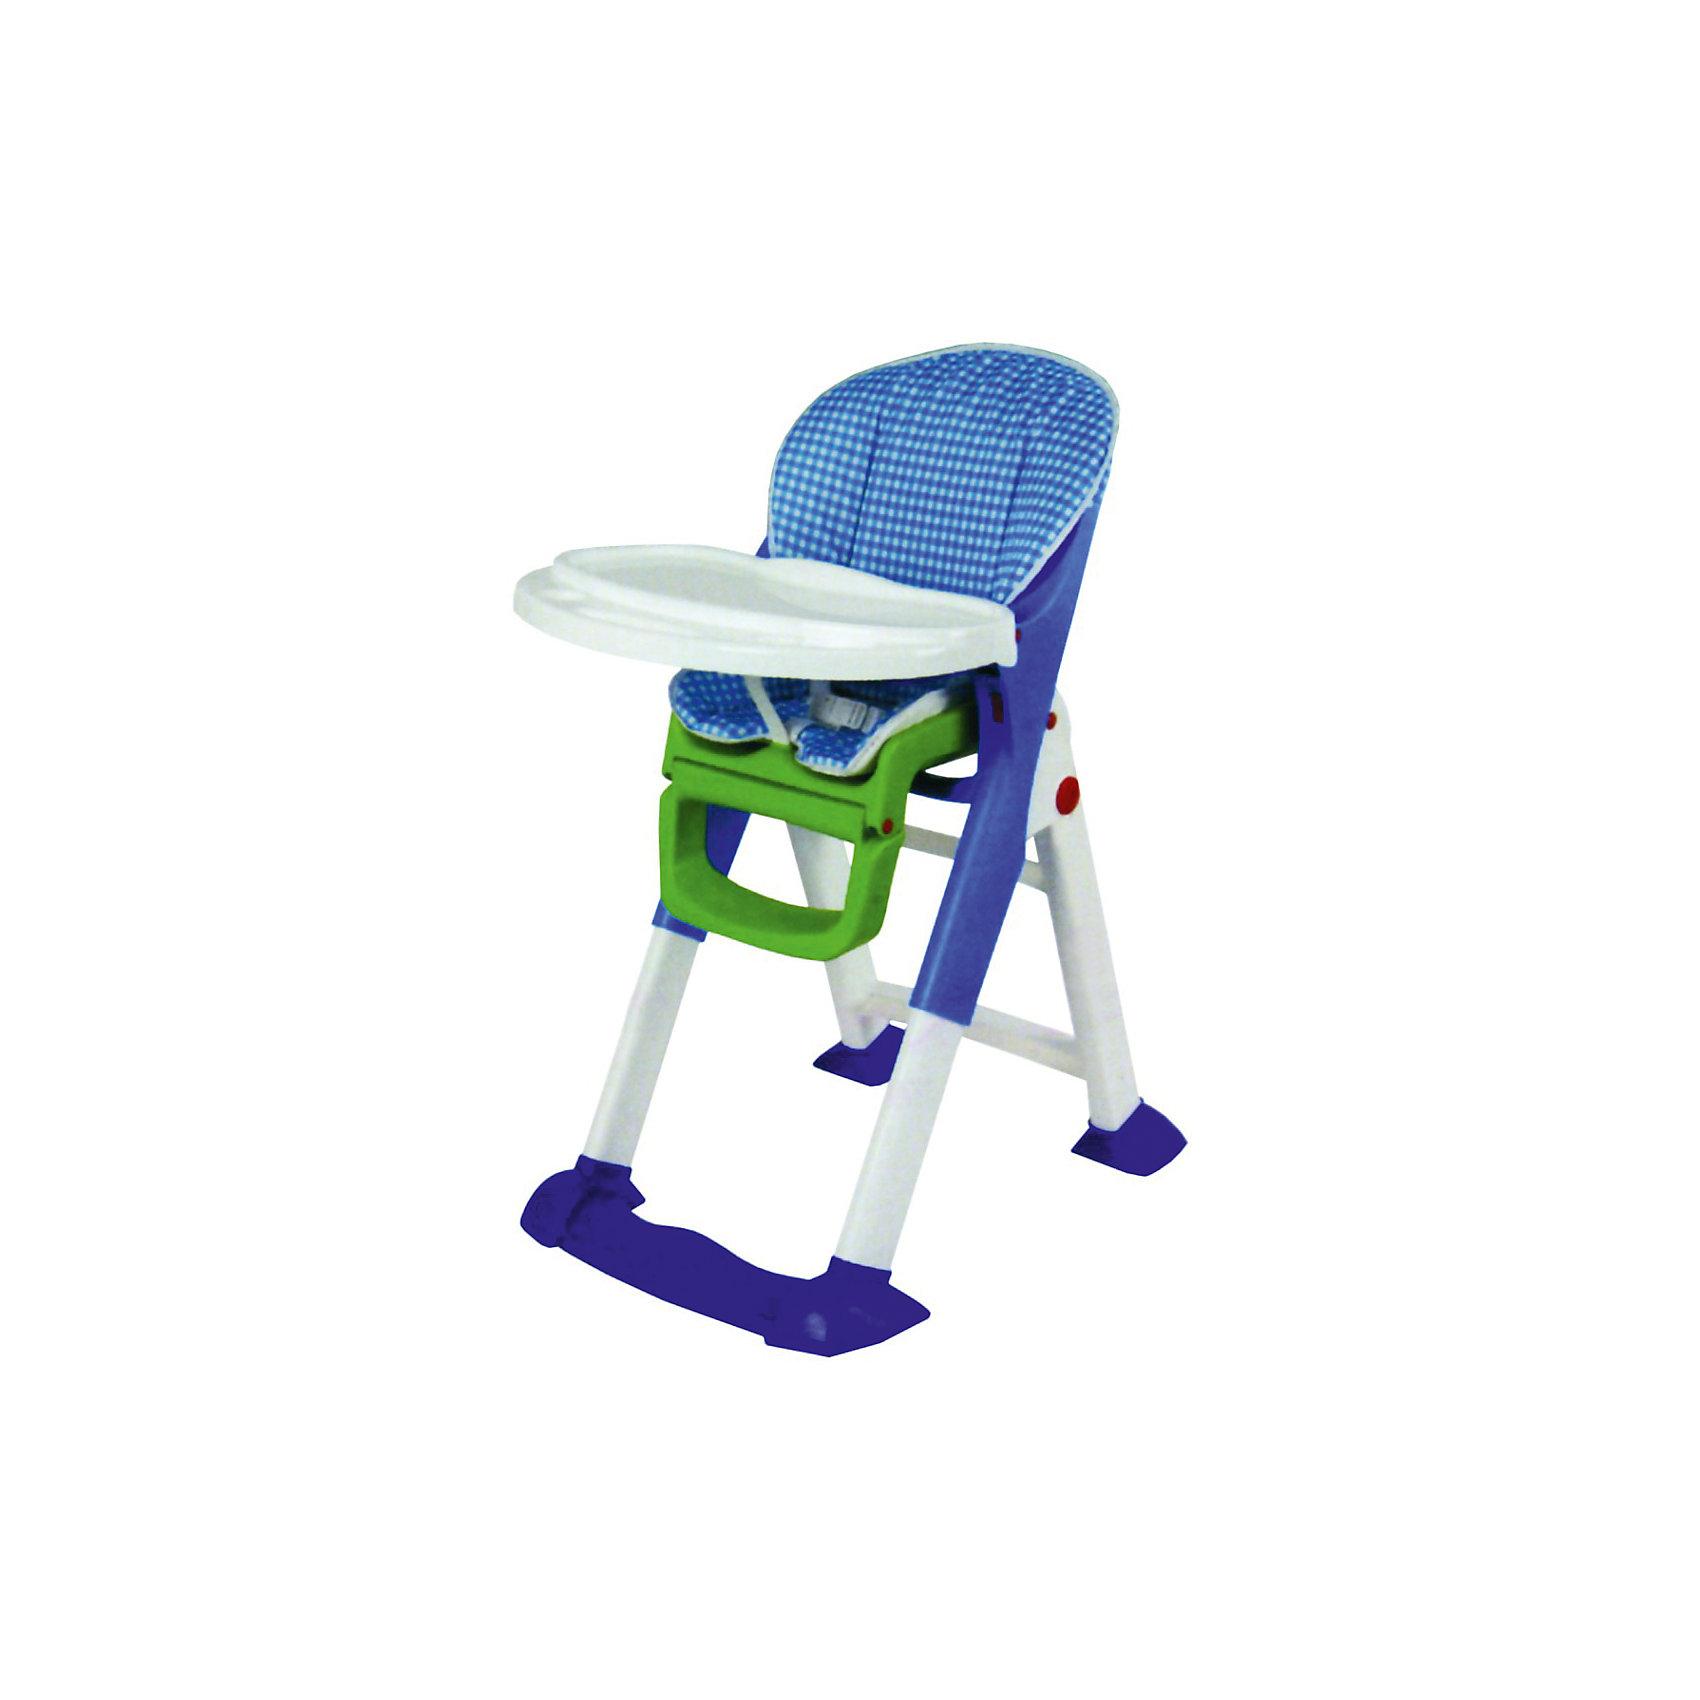 Стульчик для кормления BH-440, Selbyот +6 месяцев<br>Правильная детская мебель всегда отличается от взрослой, так как производится с учетом строения тела малыша и того, что он быстро растет. Такой стул элементарно подстраивается под рост ребенка. Эта модель мало весит и отличается удобством.<br>Изделие легко моется. Легкий пластик отличается прочностью. Все материалы тщательно подобраны специалистами и безопасны для детей.<br><br>Дополнительная информация:<br><br>цвет: разноцветный;<br>возраст: от полугода до трех лет;<br>материал: пластик, металл;<br>габариты (разложенный): 95 х 72 х 56 см;<br>вес: 6600 г;<br>чехол снимается;<br>есть стол (можно снять);<br>уровень сидения регулируется в пяти положениях;<br>наклон спинки изменяется;<br>3точечный ремень безопасности;<br>подставка для ног.<br><br>Стульчик для кормления BH-440 от компании Selby можно купить в нашем магазине.<br><br>Ширина мм: 500<br>Глубина мм: 560<br>Высота мм: 960<br>Вес г: 6600<br>Возраст от месяцев: 6<br>Возраст до месяцев: 36<br>Пол: Унисекс<br>Возраст: Детский<br>SKU: 4873605